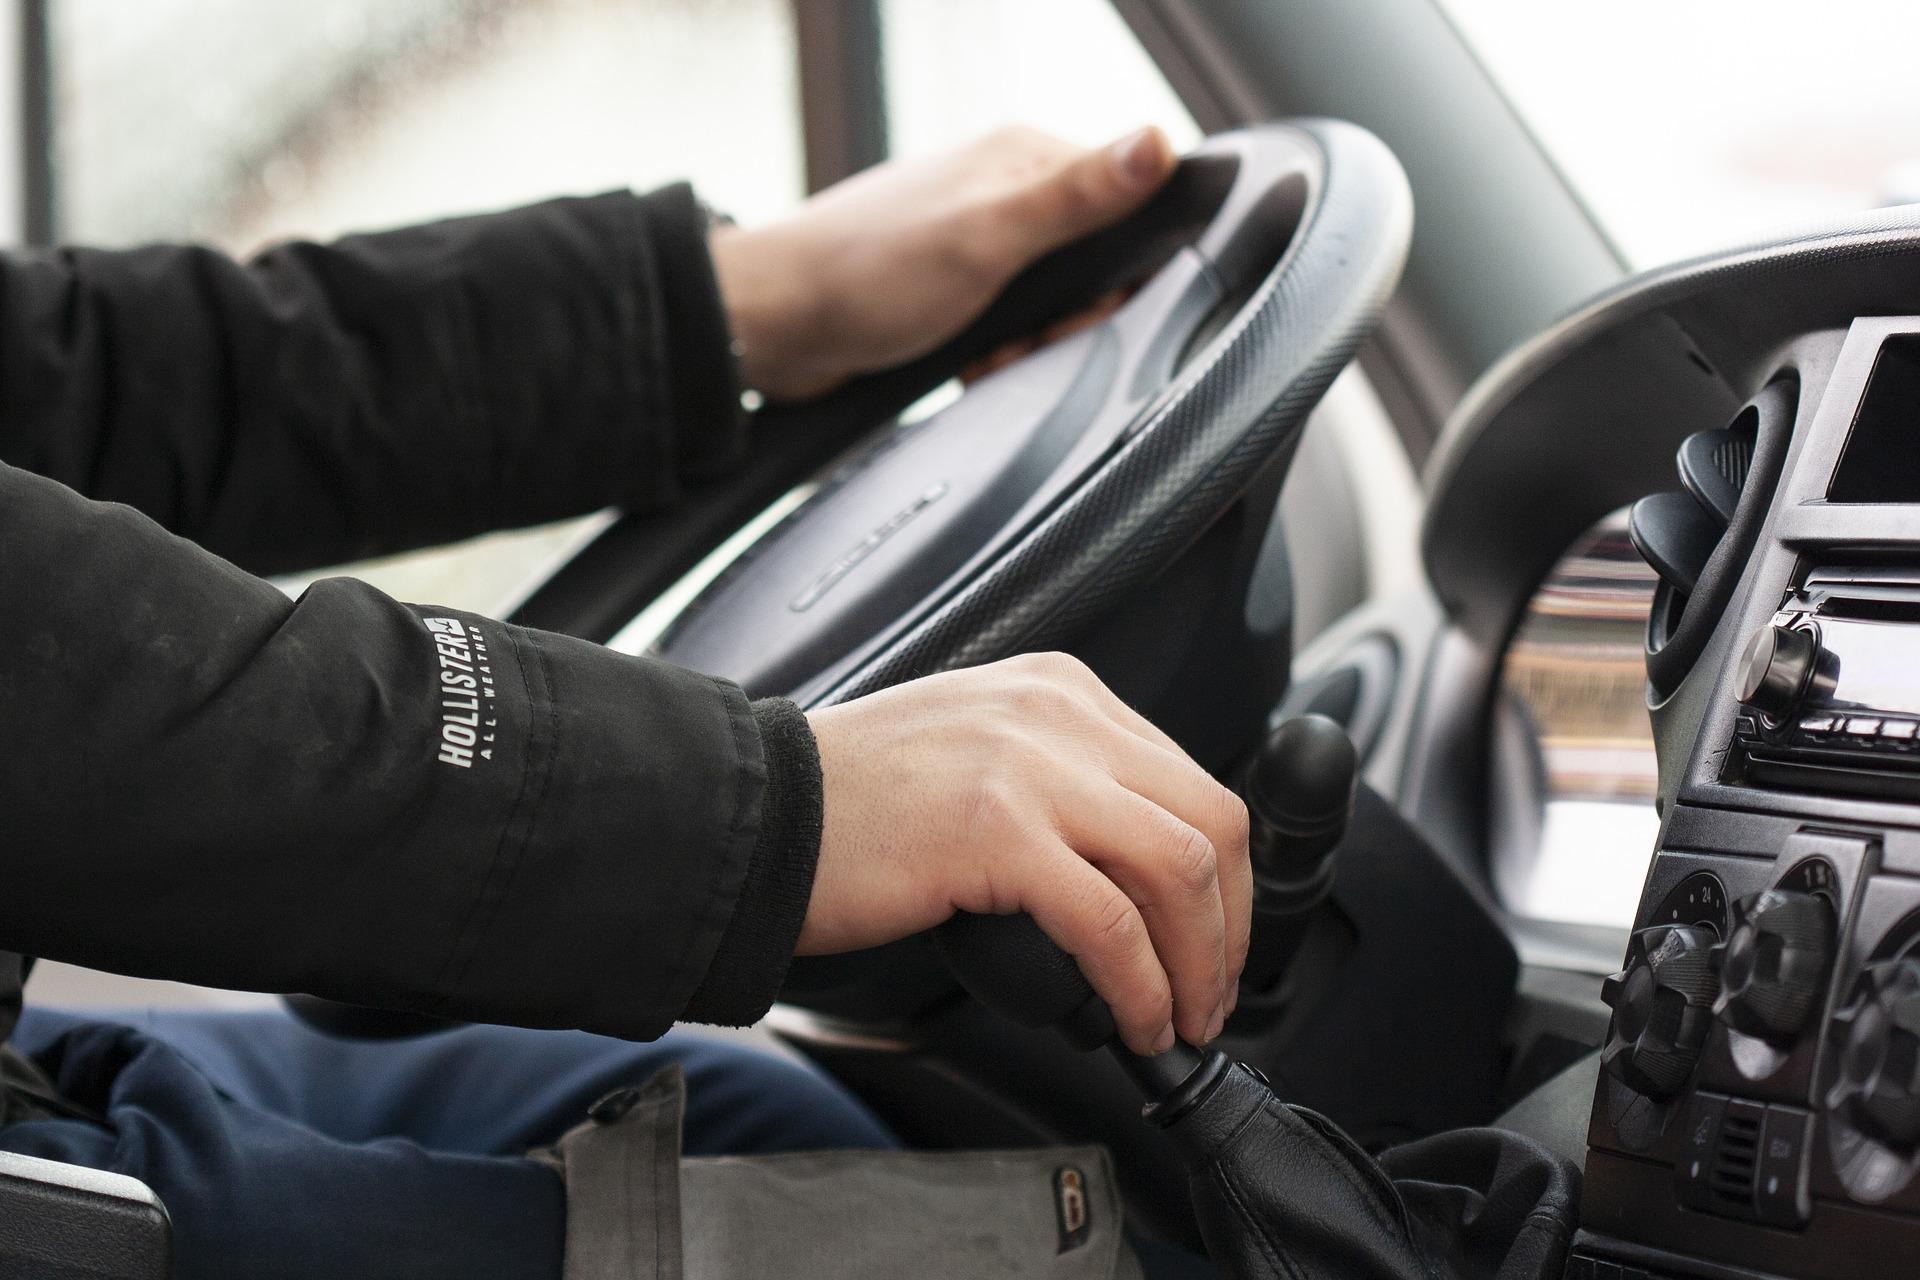 Zmiana w przepisach, kierowca musi to mieć na wyposażeniu samochodu - Zdjęcie główne